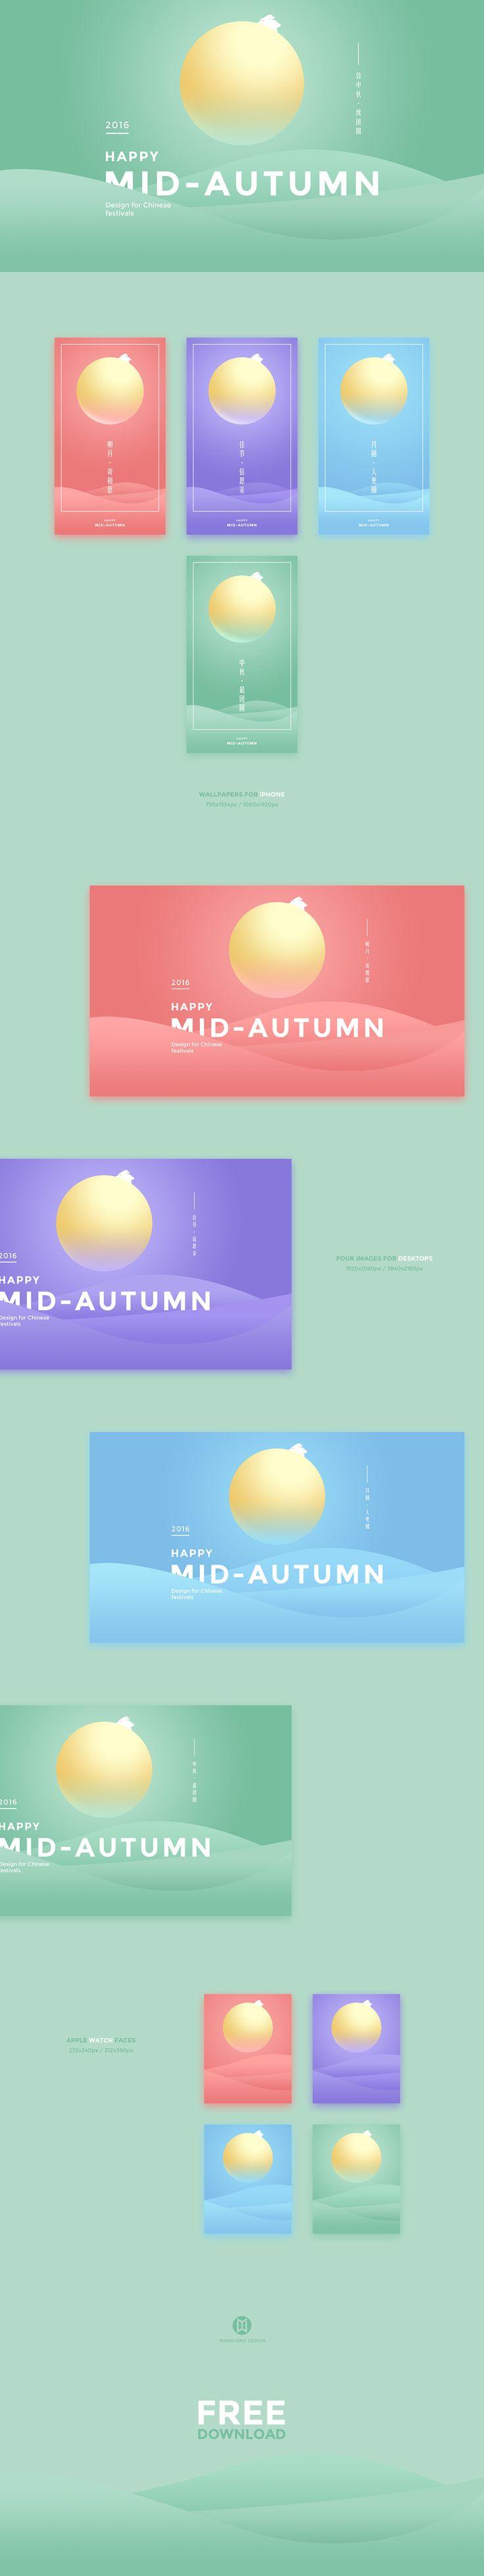 2016   Happy Mid-Autumn Day on Behance